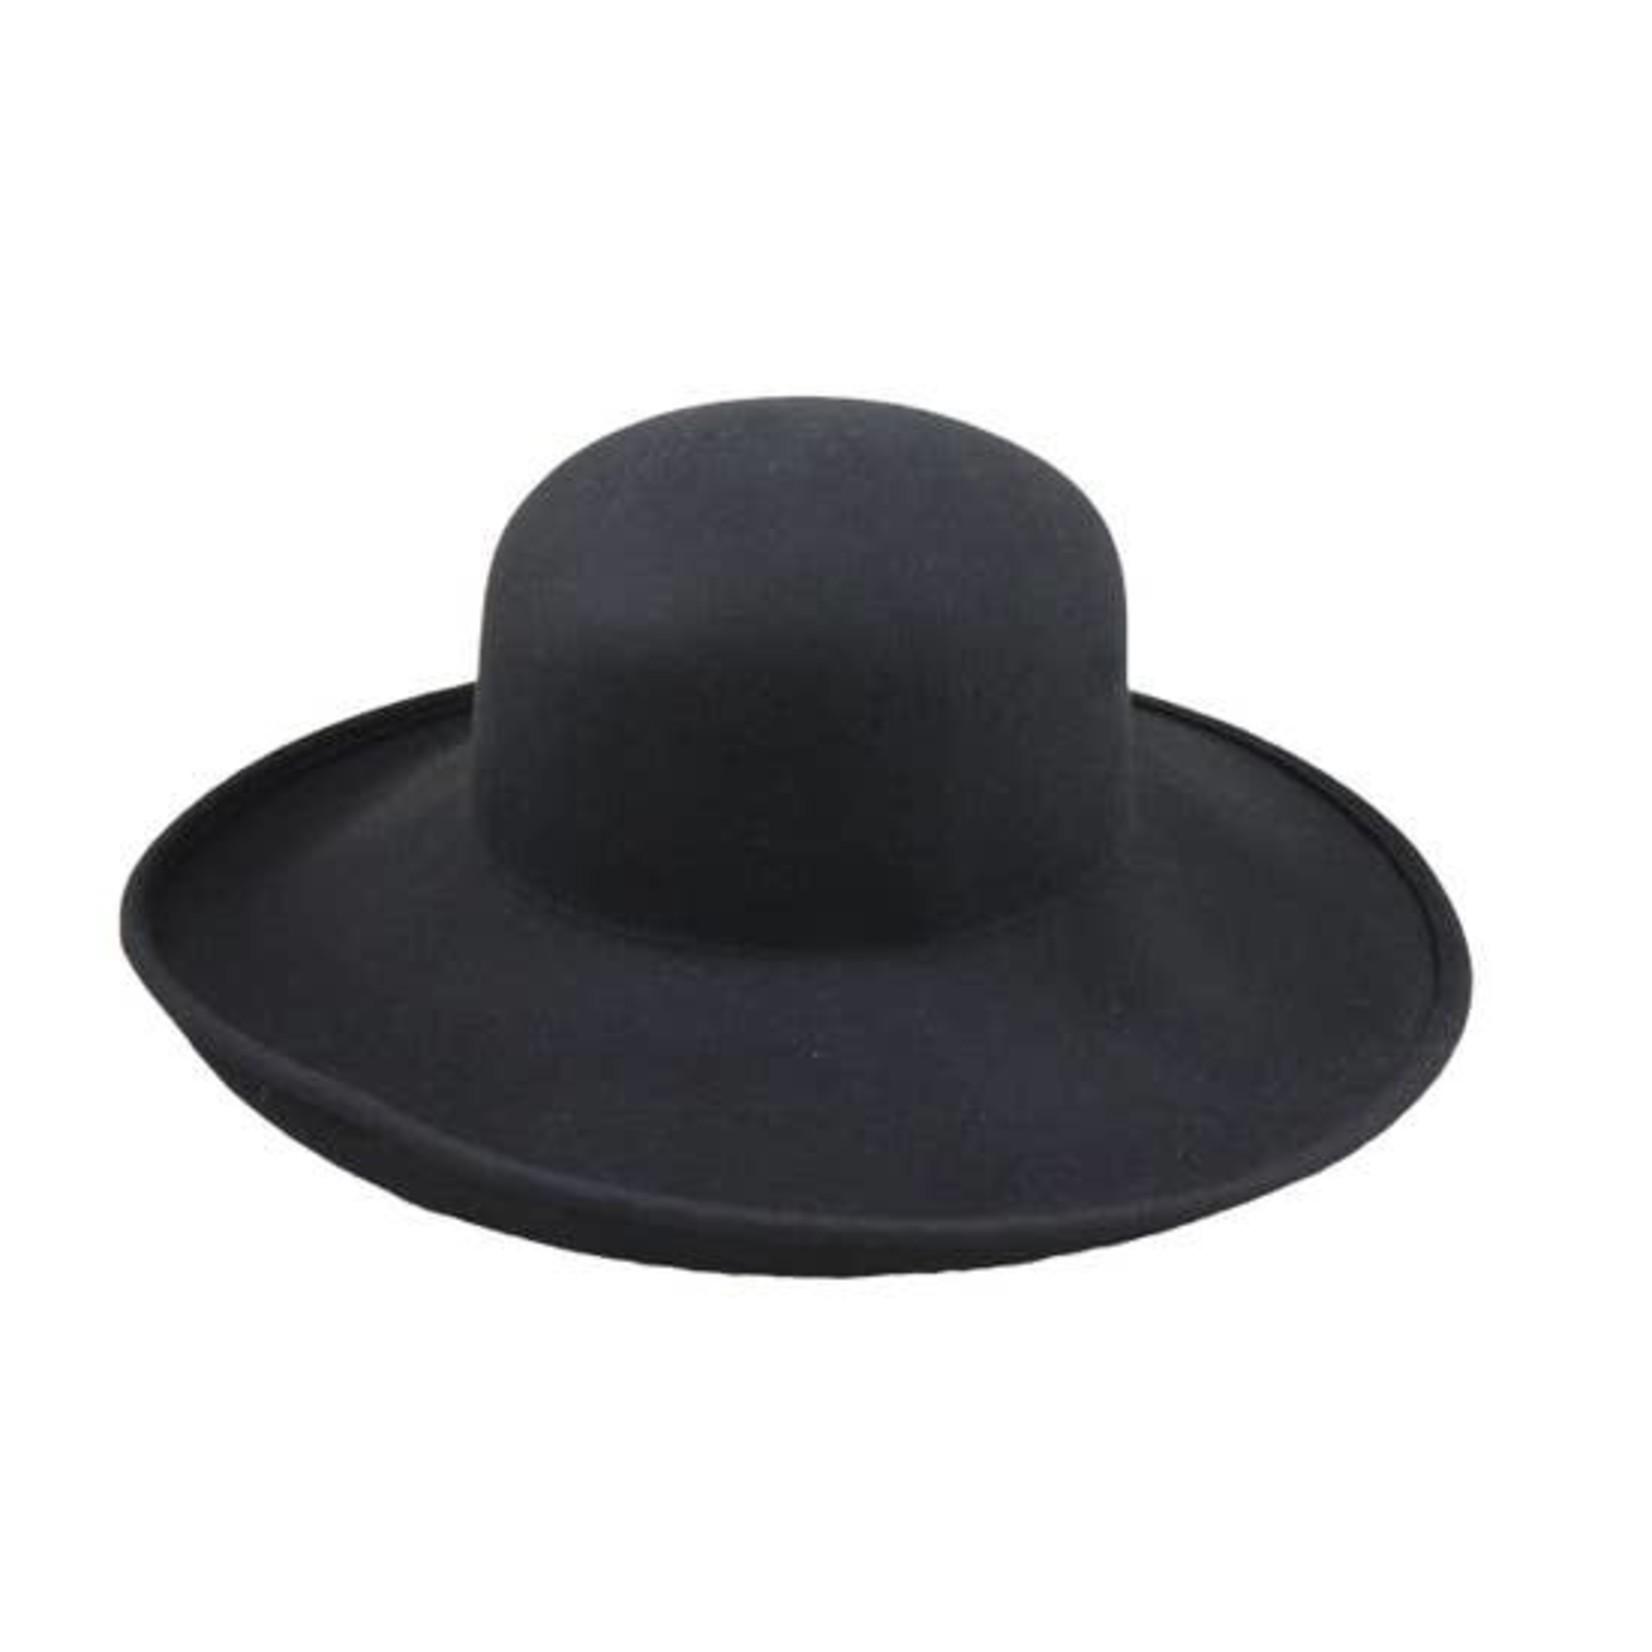 Jeanne Simmons Black Wool Felt Upturn Hat